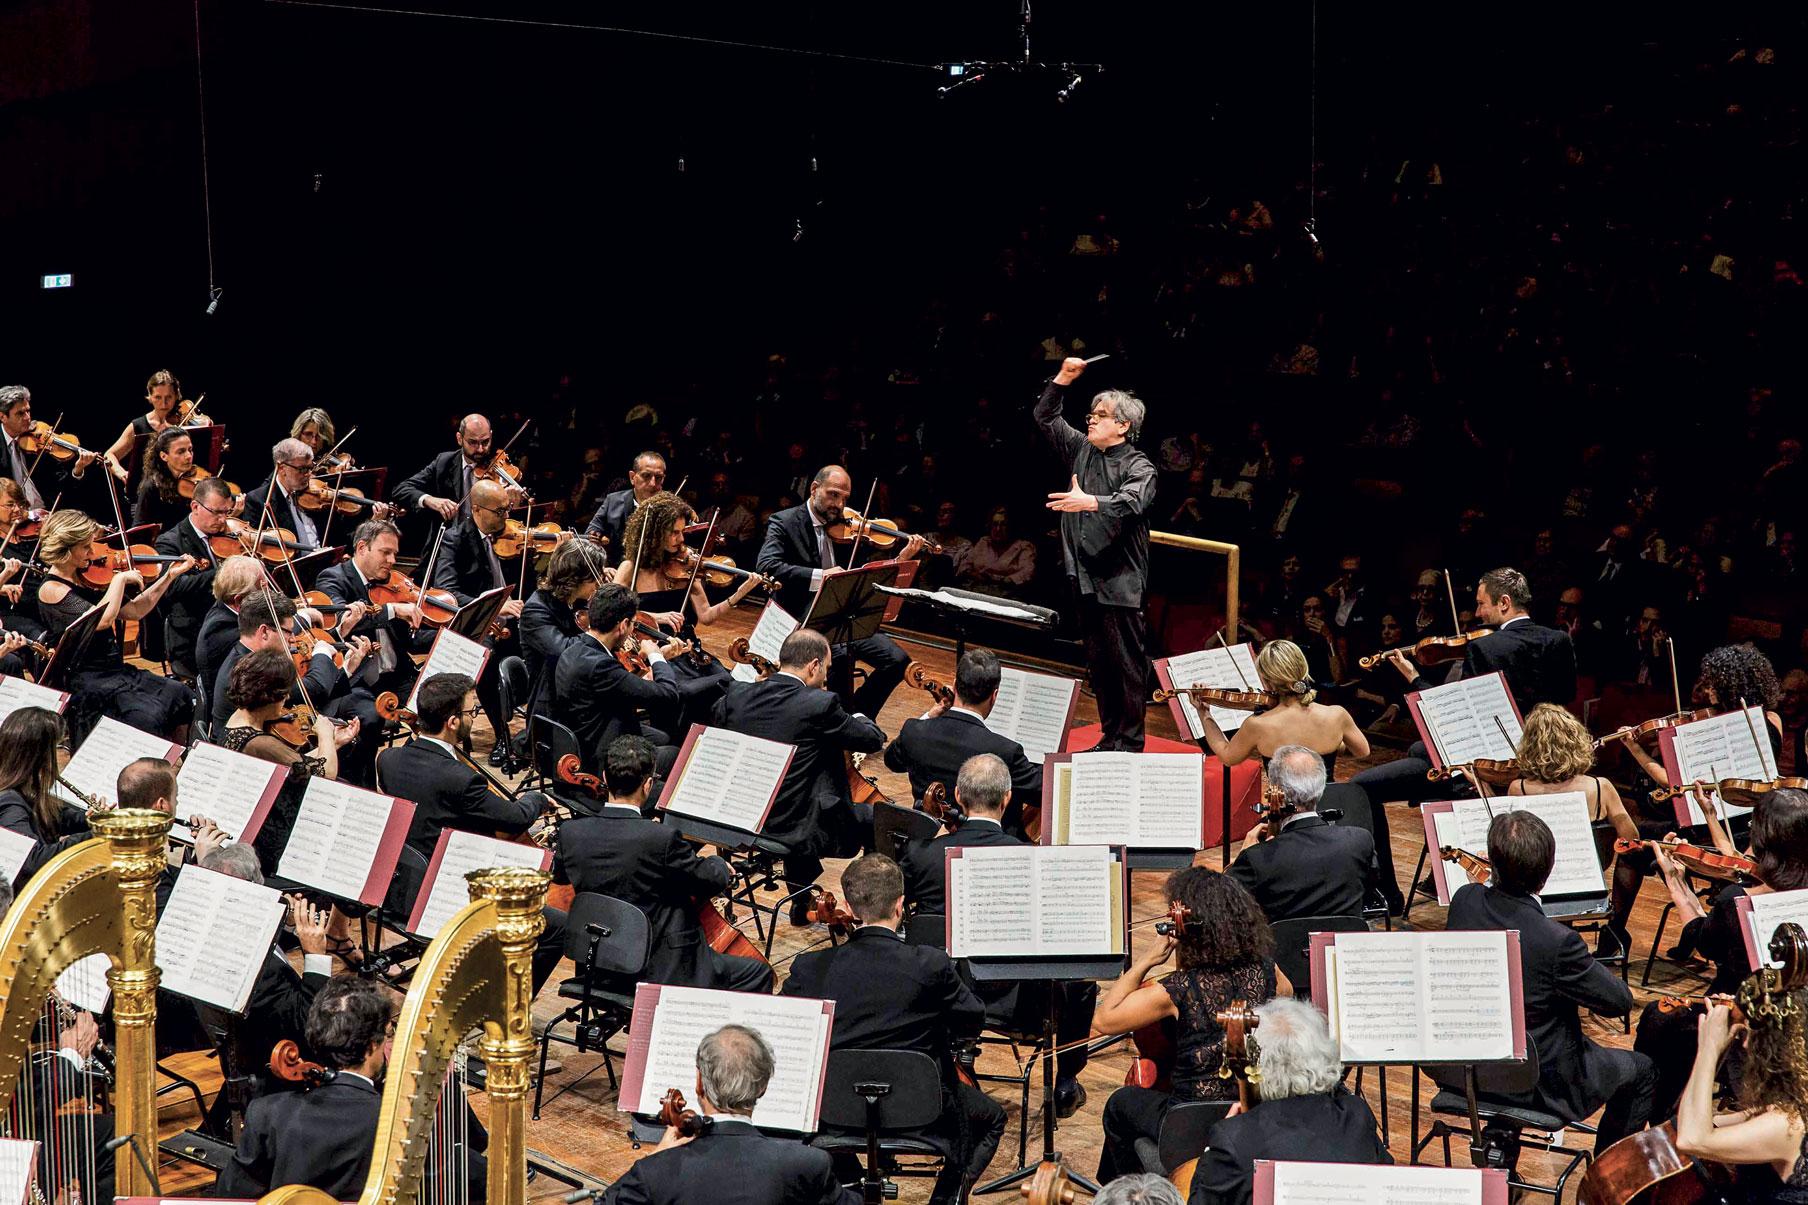 Orchestra diretta da Antonio Pappano